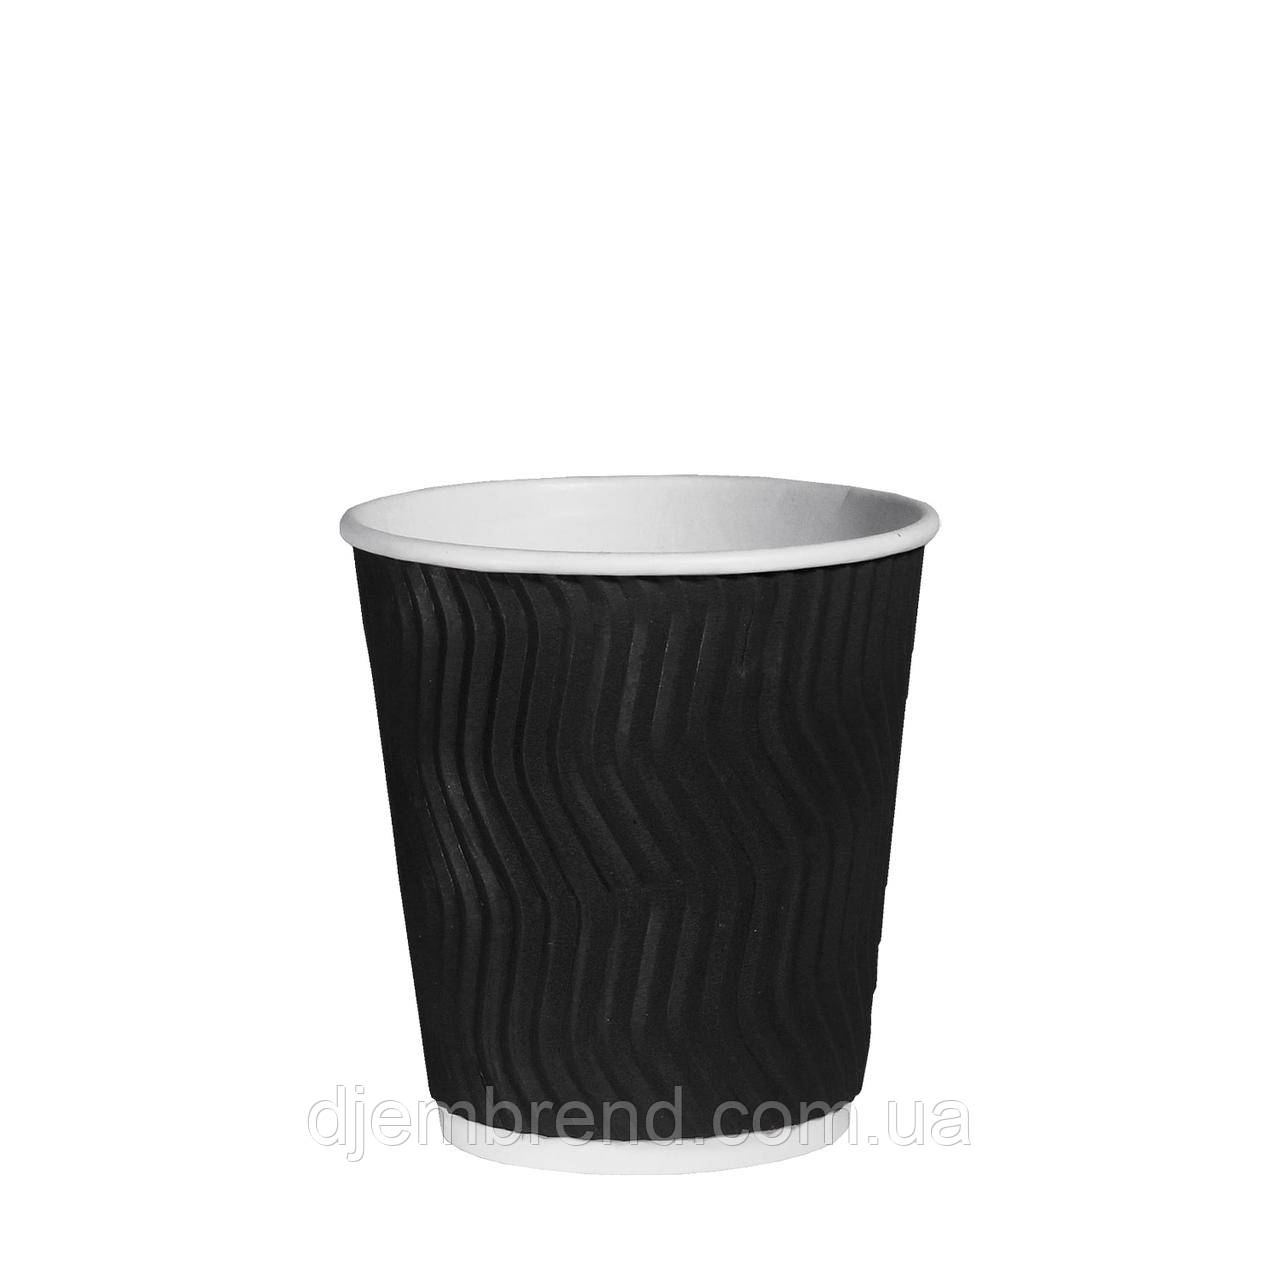 Стакан бумажный гофрированный Эко-гофра Черный 250мл. (8oz) 30шт/уп (1ящ/20уп/500шт) (КР81)